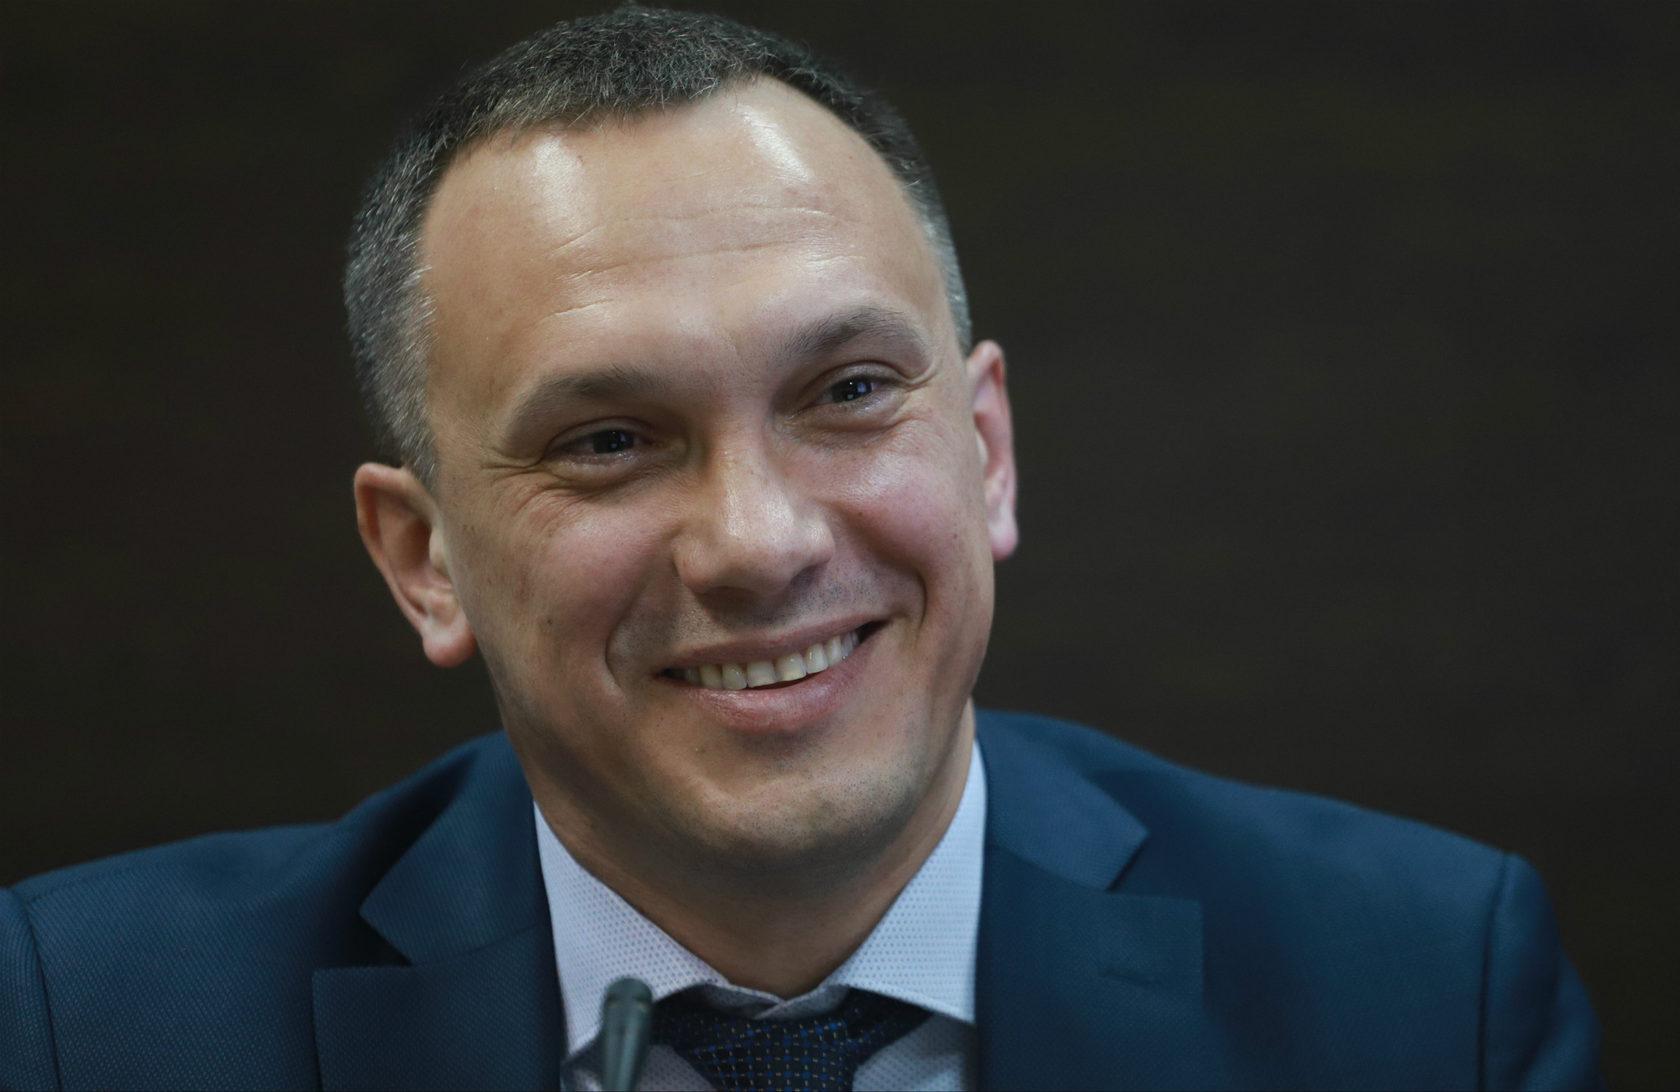 управляющий директор розничных продаж и обслуживания банка РНКБ Сергей Кузьмин